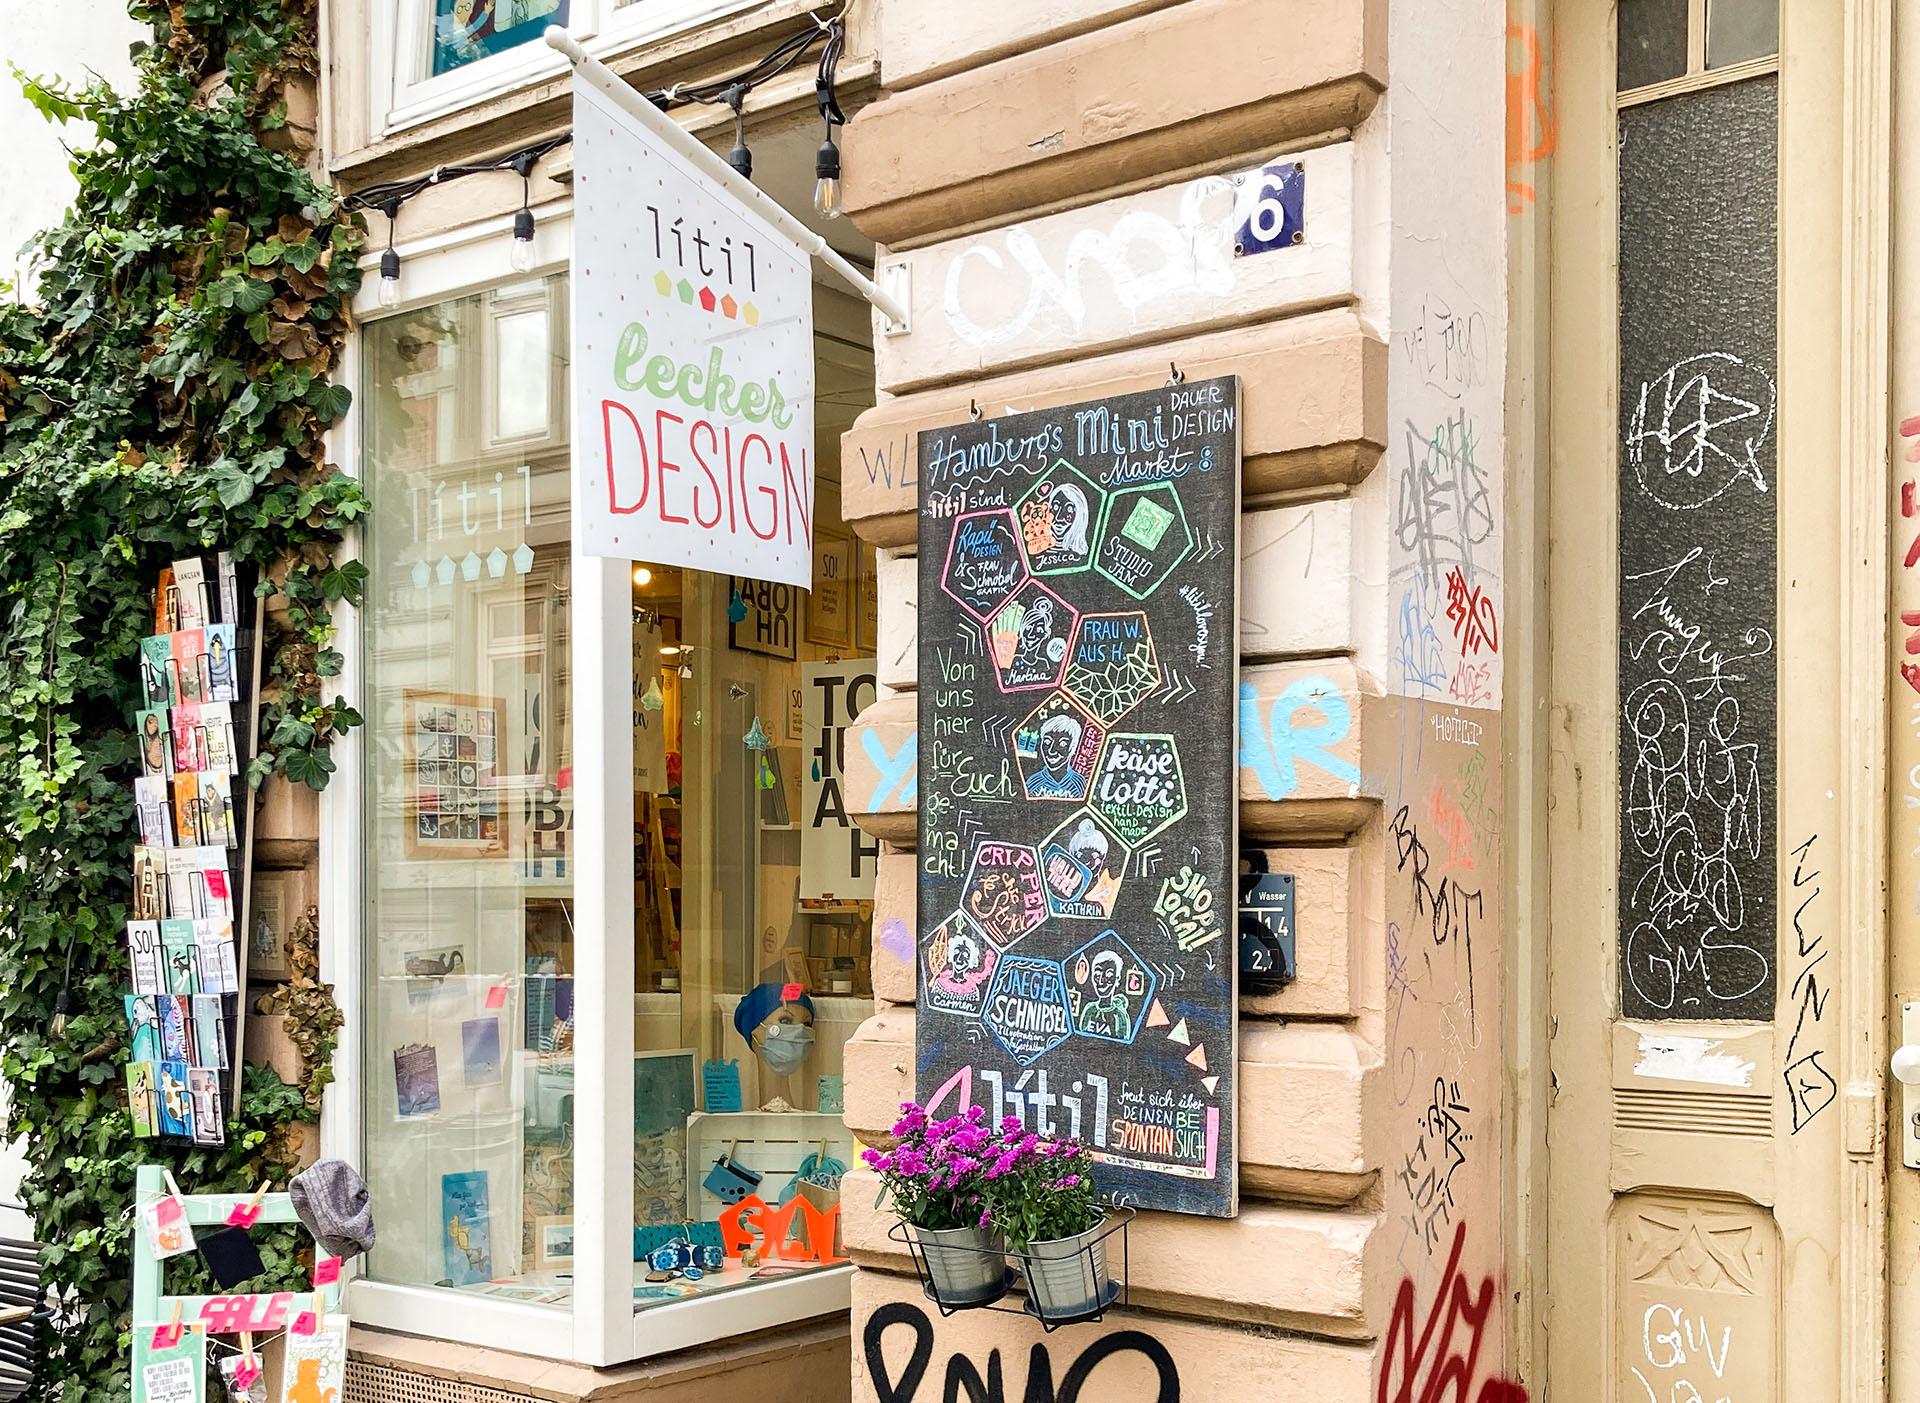 Über uns Litil Ladenfoto Kleine Rainstraße Hamburg Ottensen